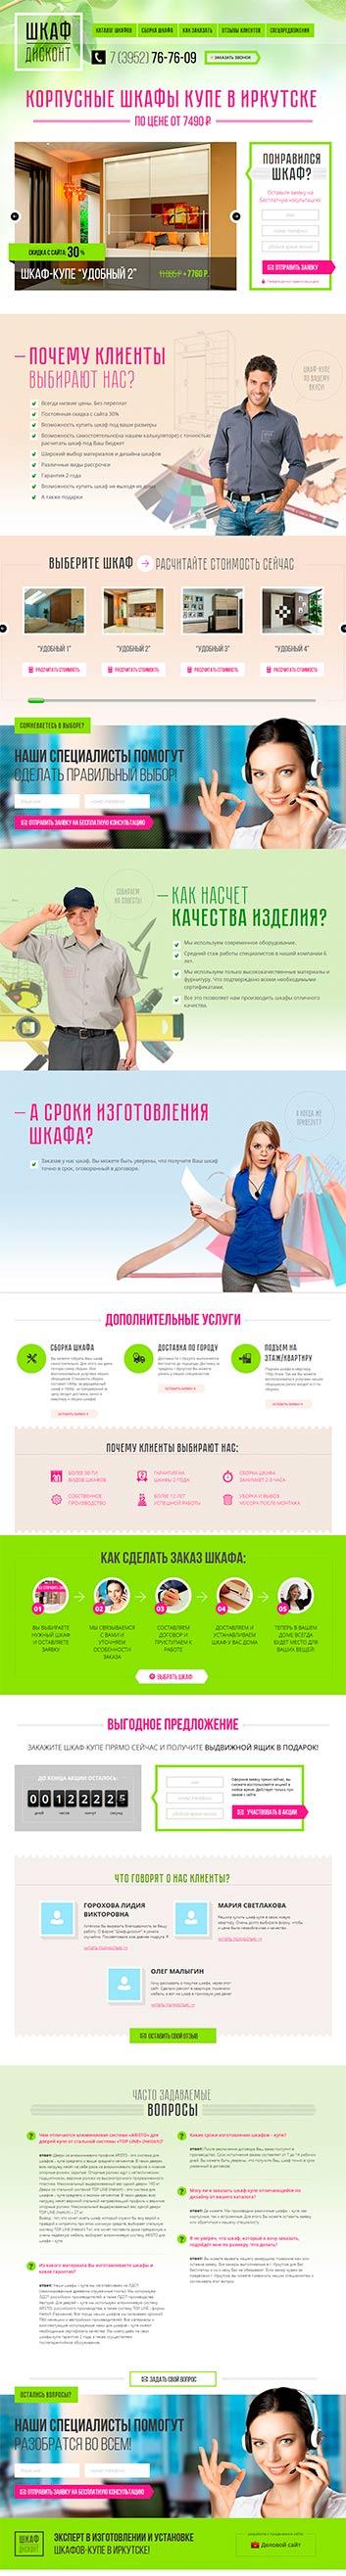 Бесплатная реклама на сайтах иркутск google adwords оплата за конверсию